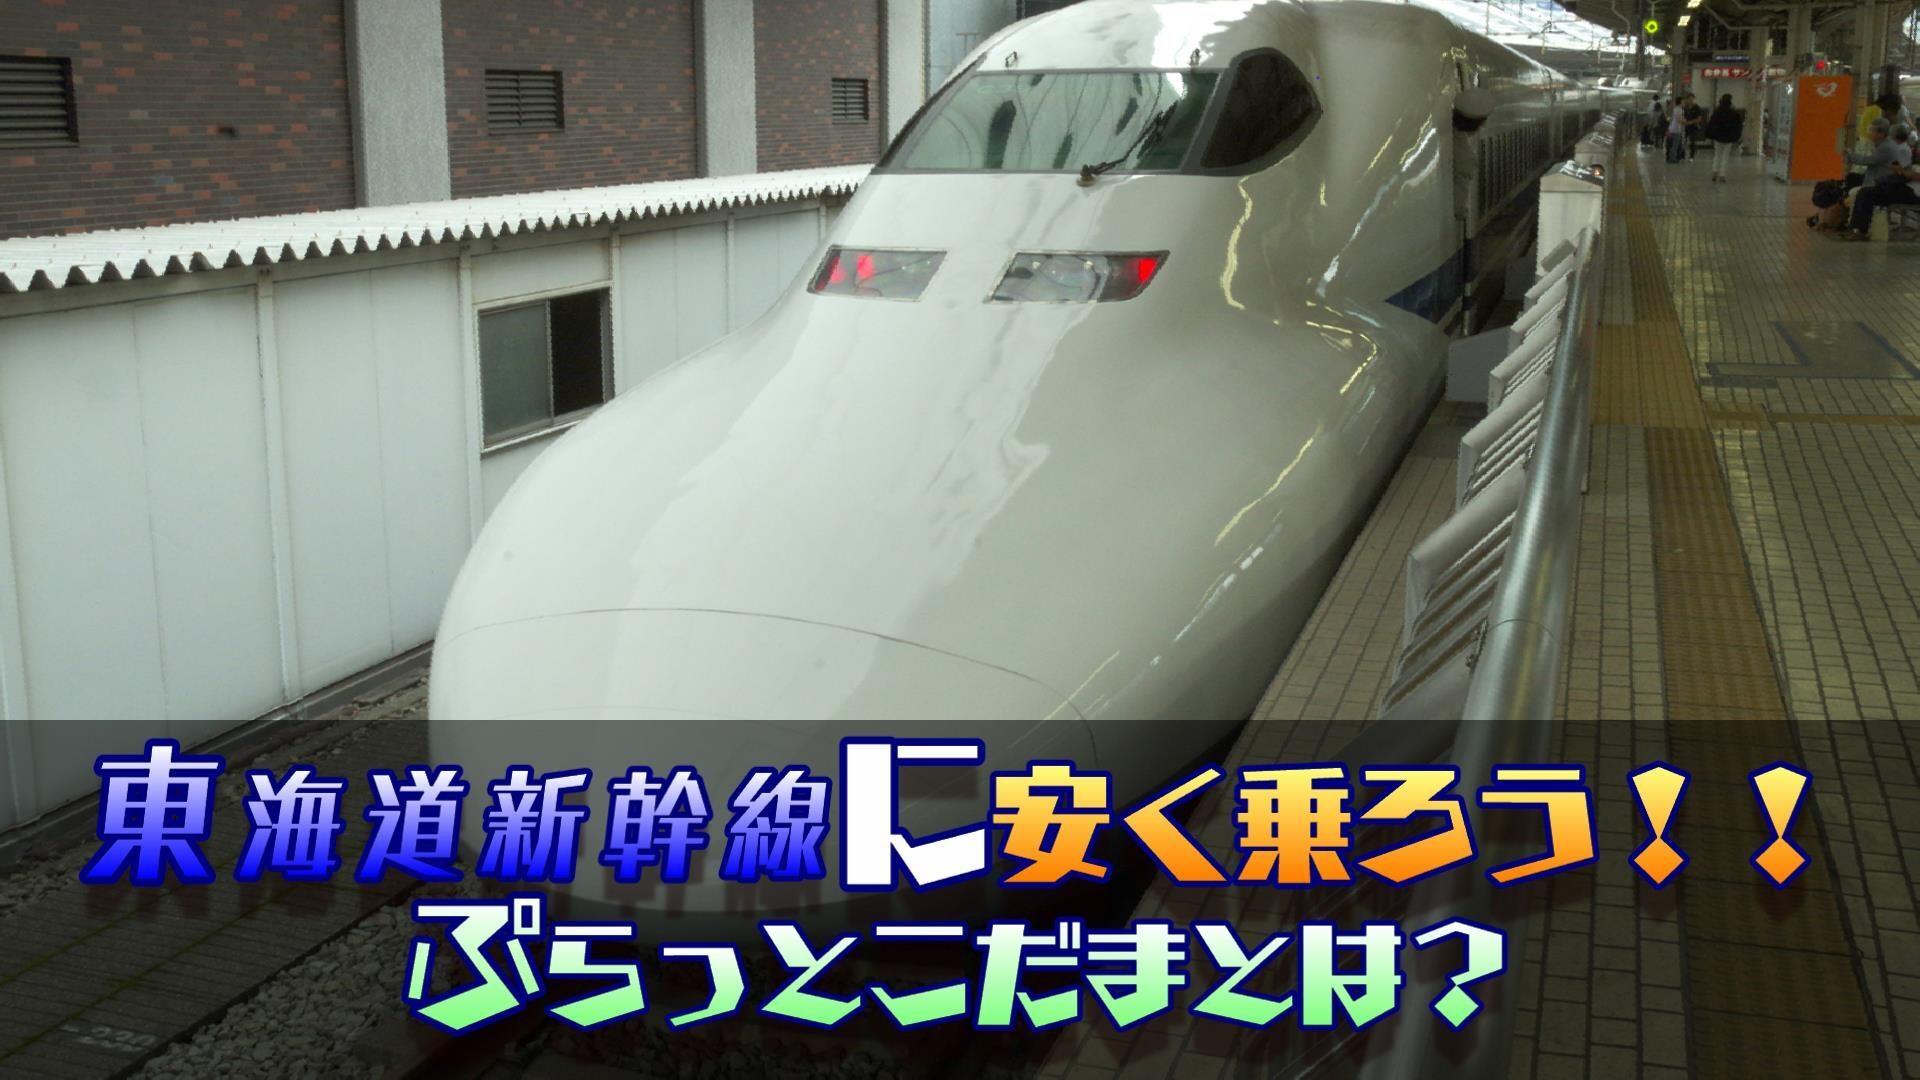 ぷらっとこだまとは?JR東海ツアーズで東海道新幹線を格安で予約しよう